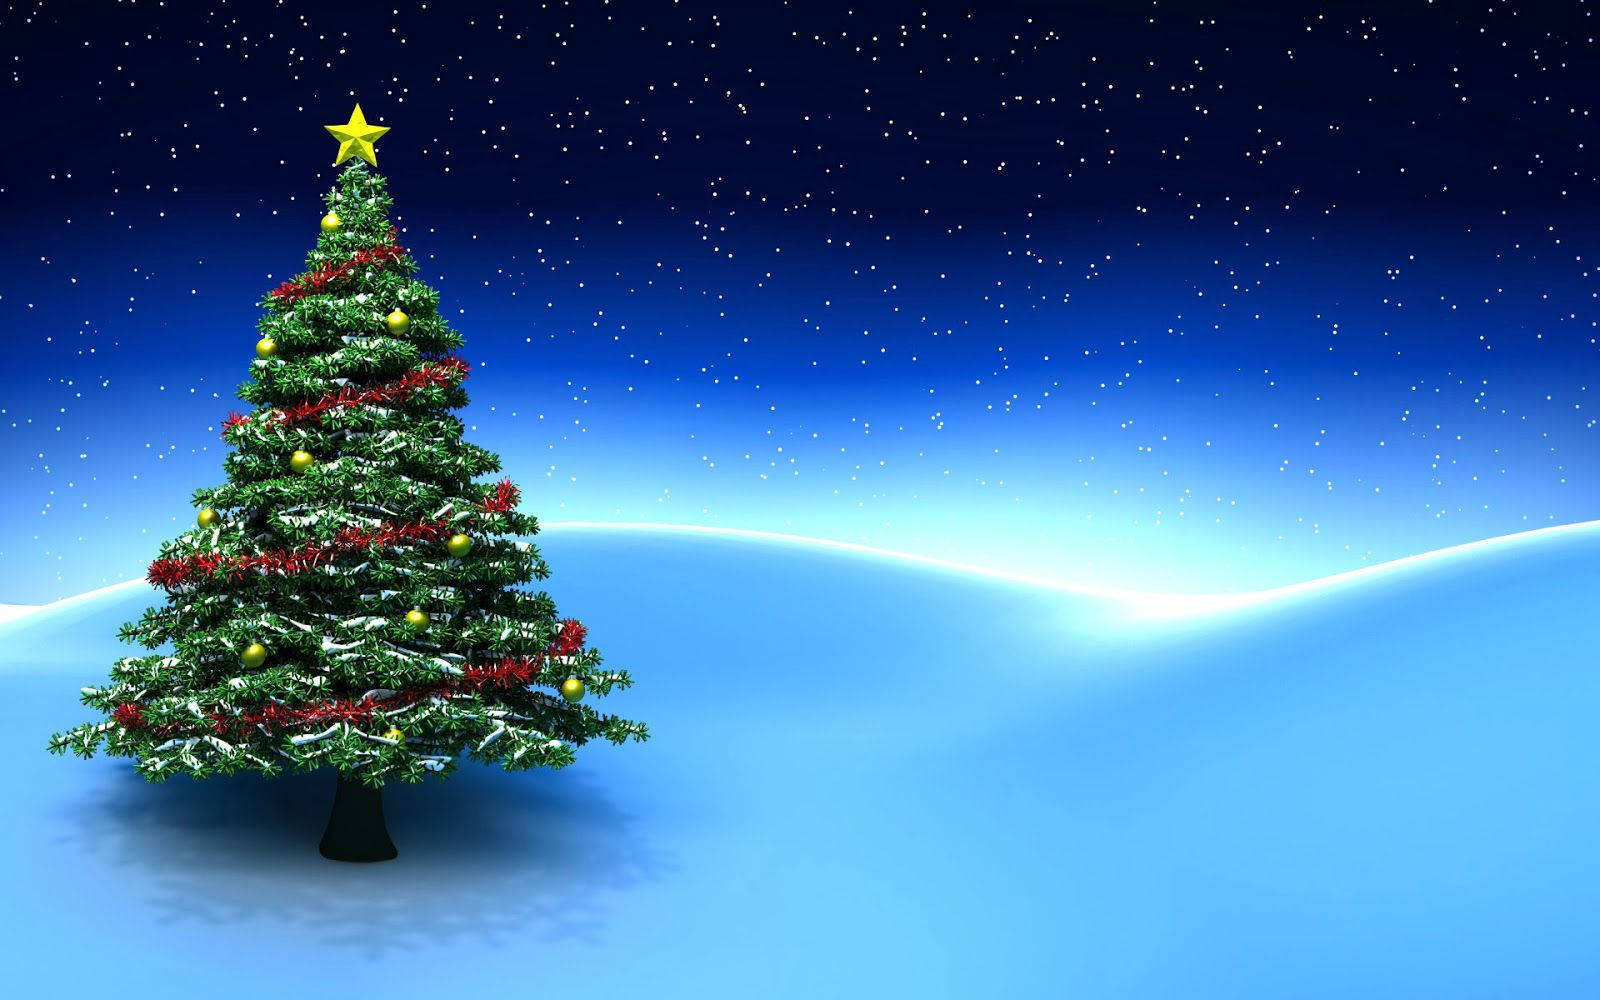 Animierte Weihnachten Hintergrundbilder Kostenlos bei Bilder Kostenlos Weihnachten